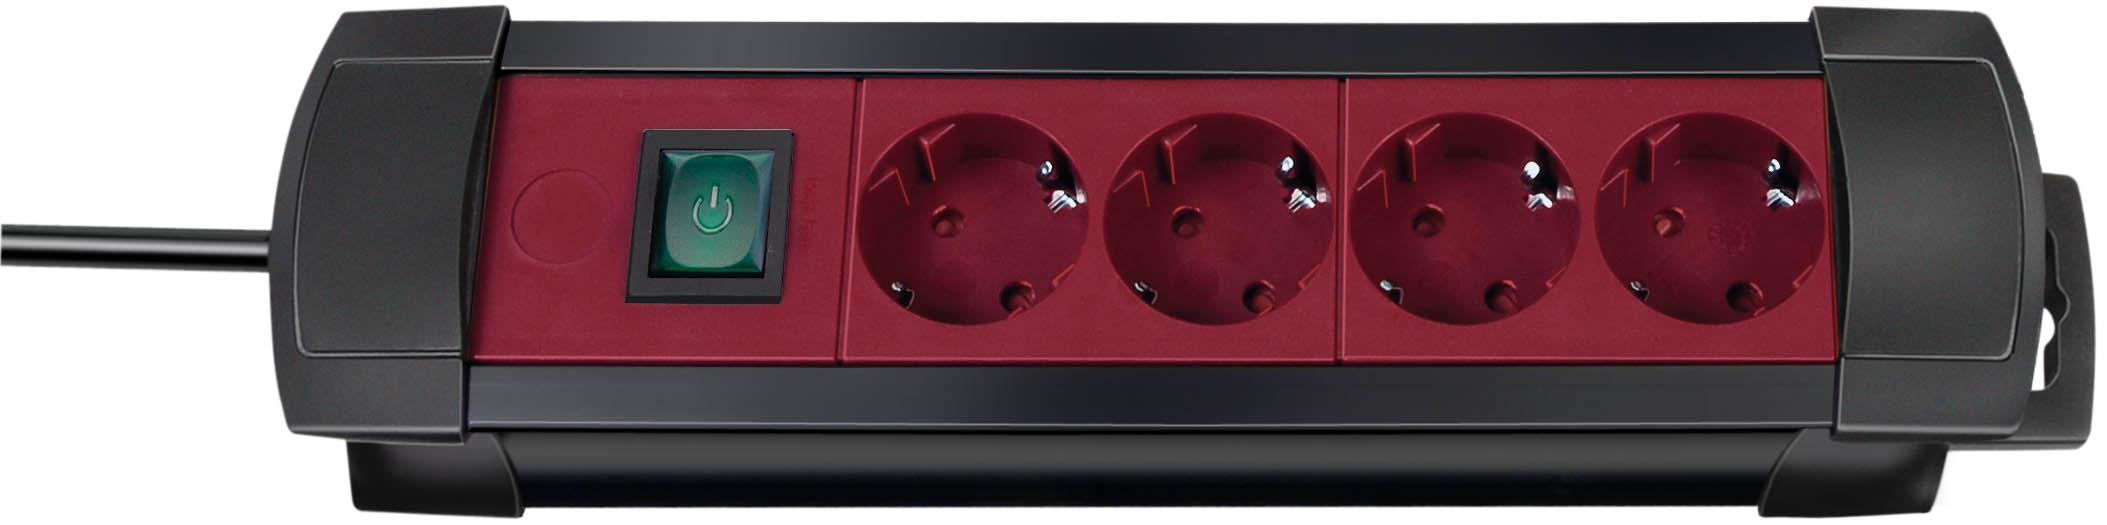 Brennenstuhl Premium-Line 4-fach schwarz/bordeaux mit Schalter, 1,8m H05VV-F3G1,5